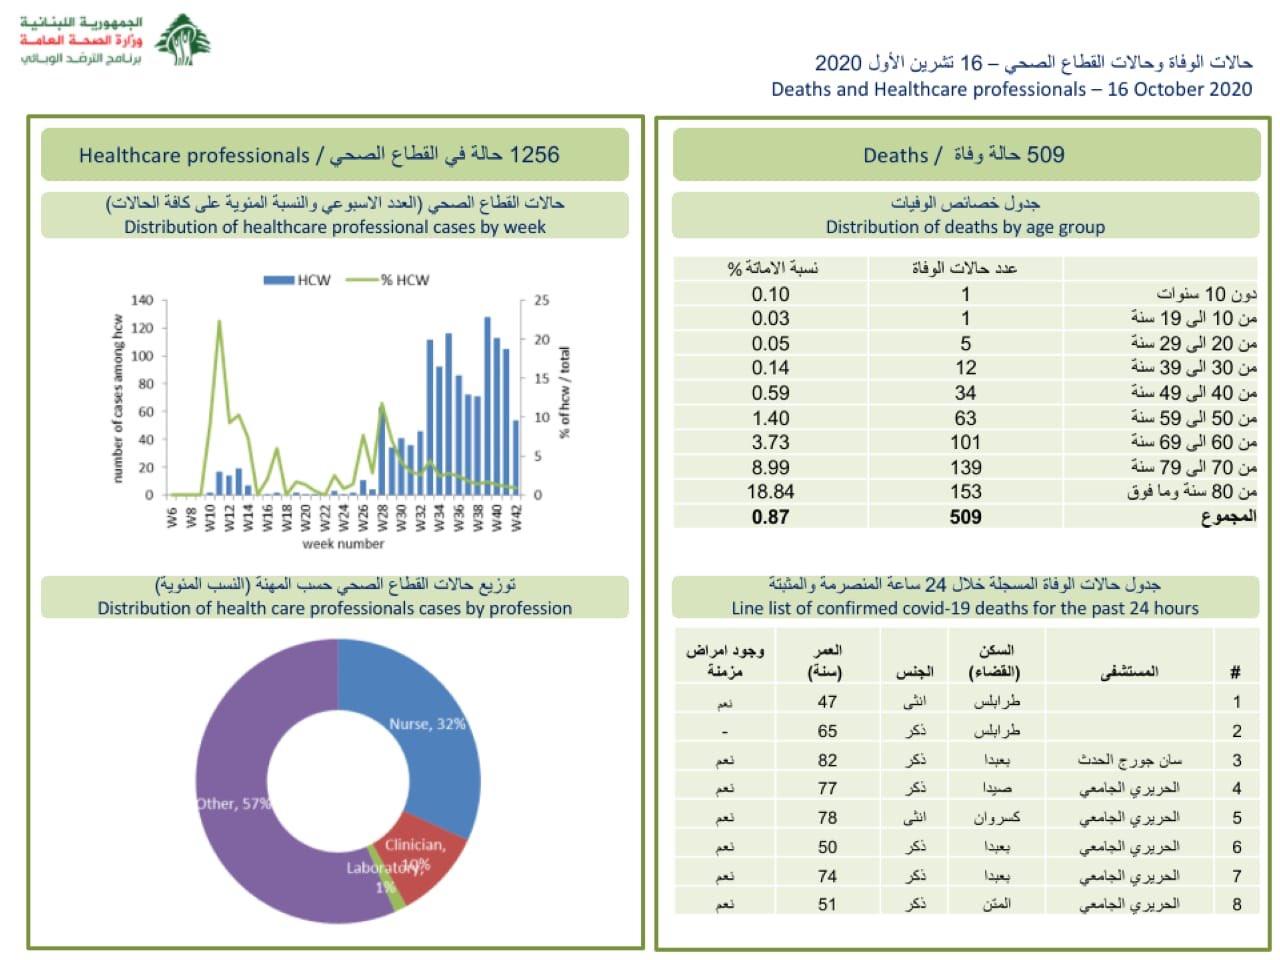 GGG%d9%88%d9%88%d9%88%d9%88%d9%88%d9%88.jpg